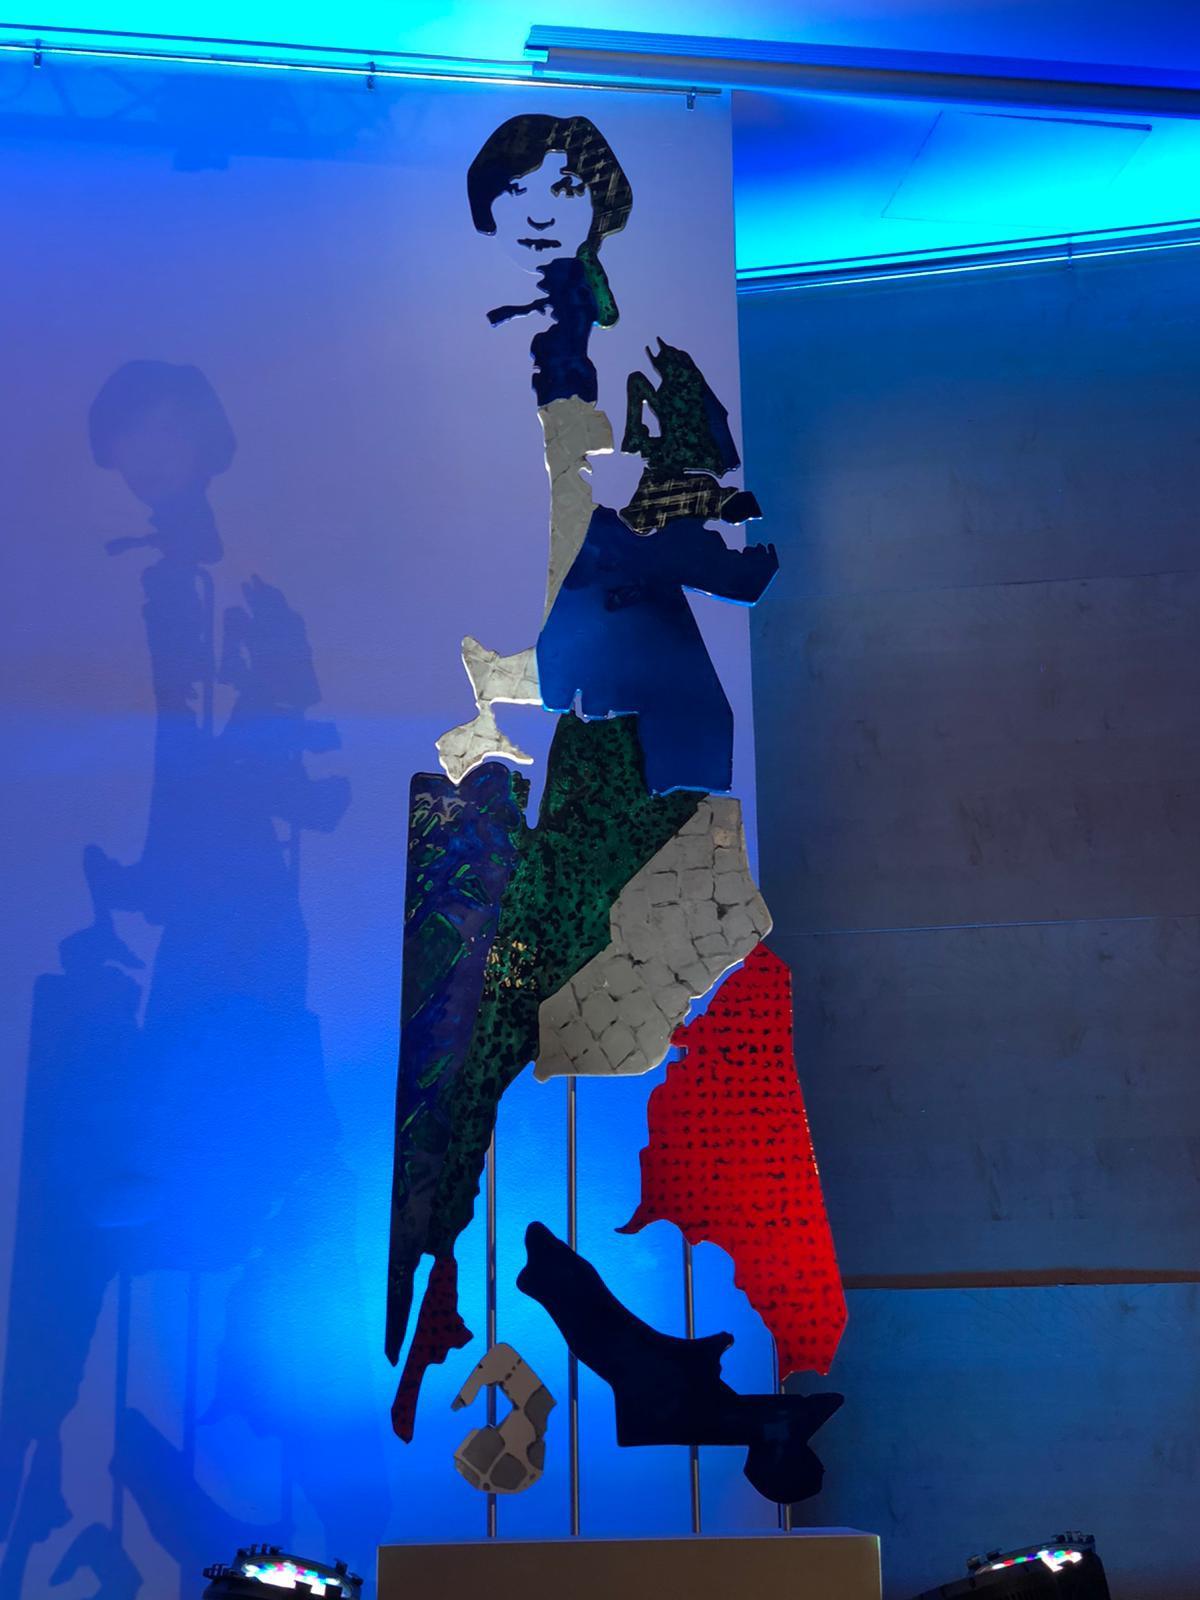 Statue to women's sports pioneer Alice Milliat unveiled in Paris